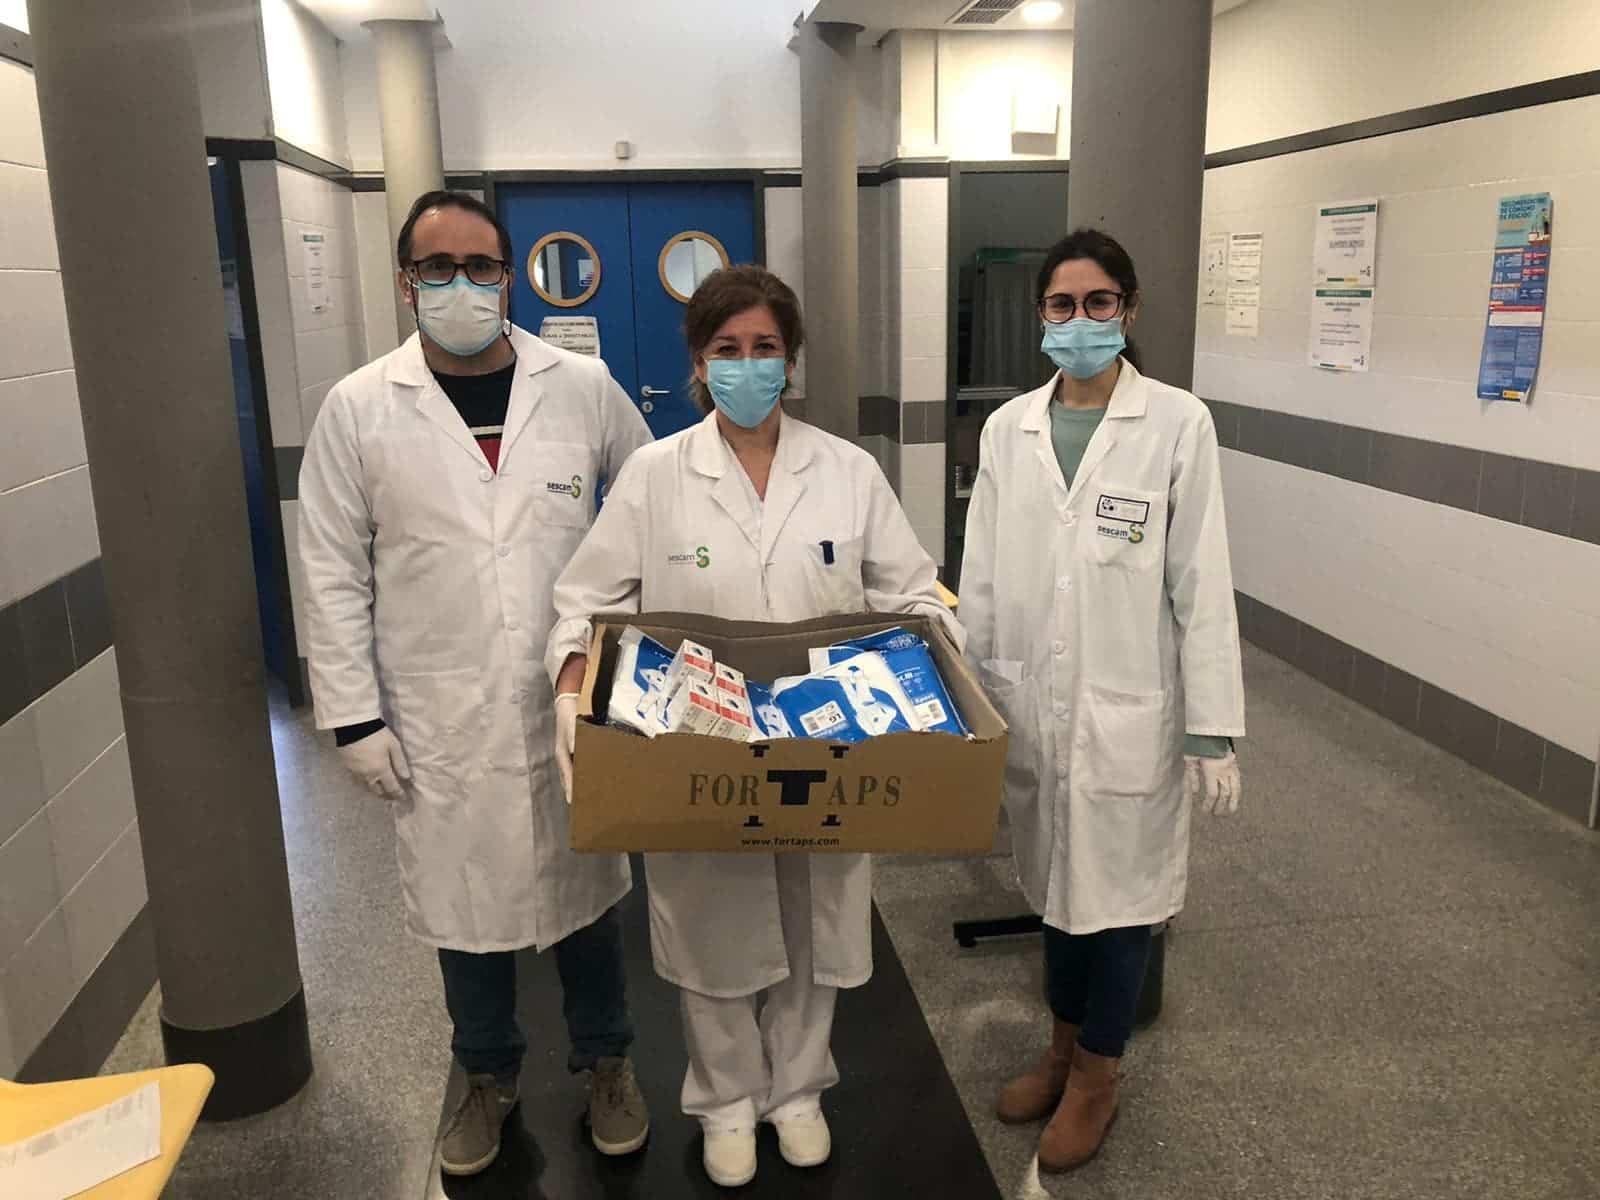 La comunidad dota de material sanitario al Centro de Salud de Herencia 7